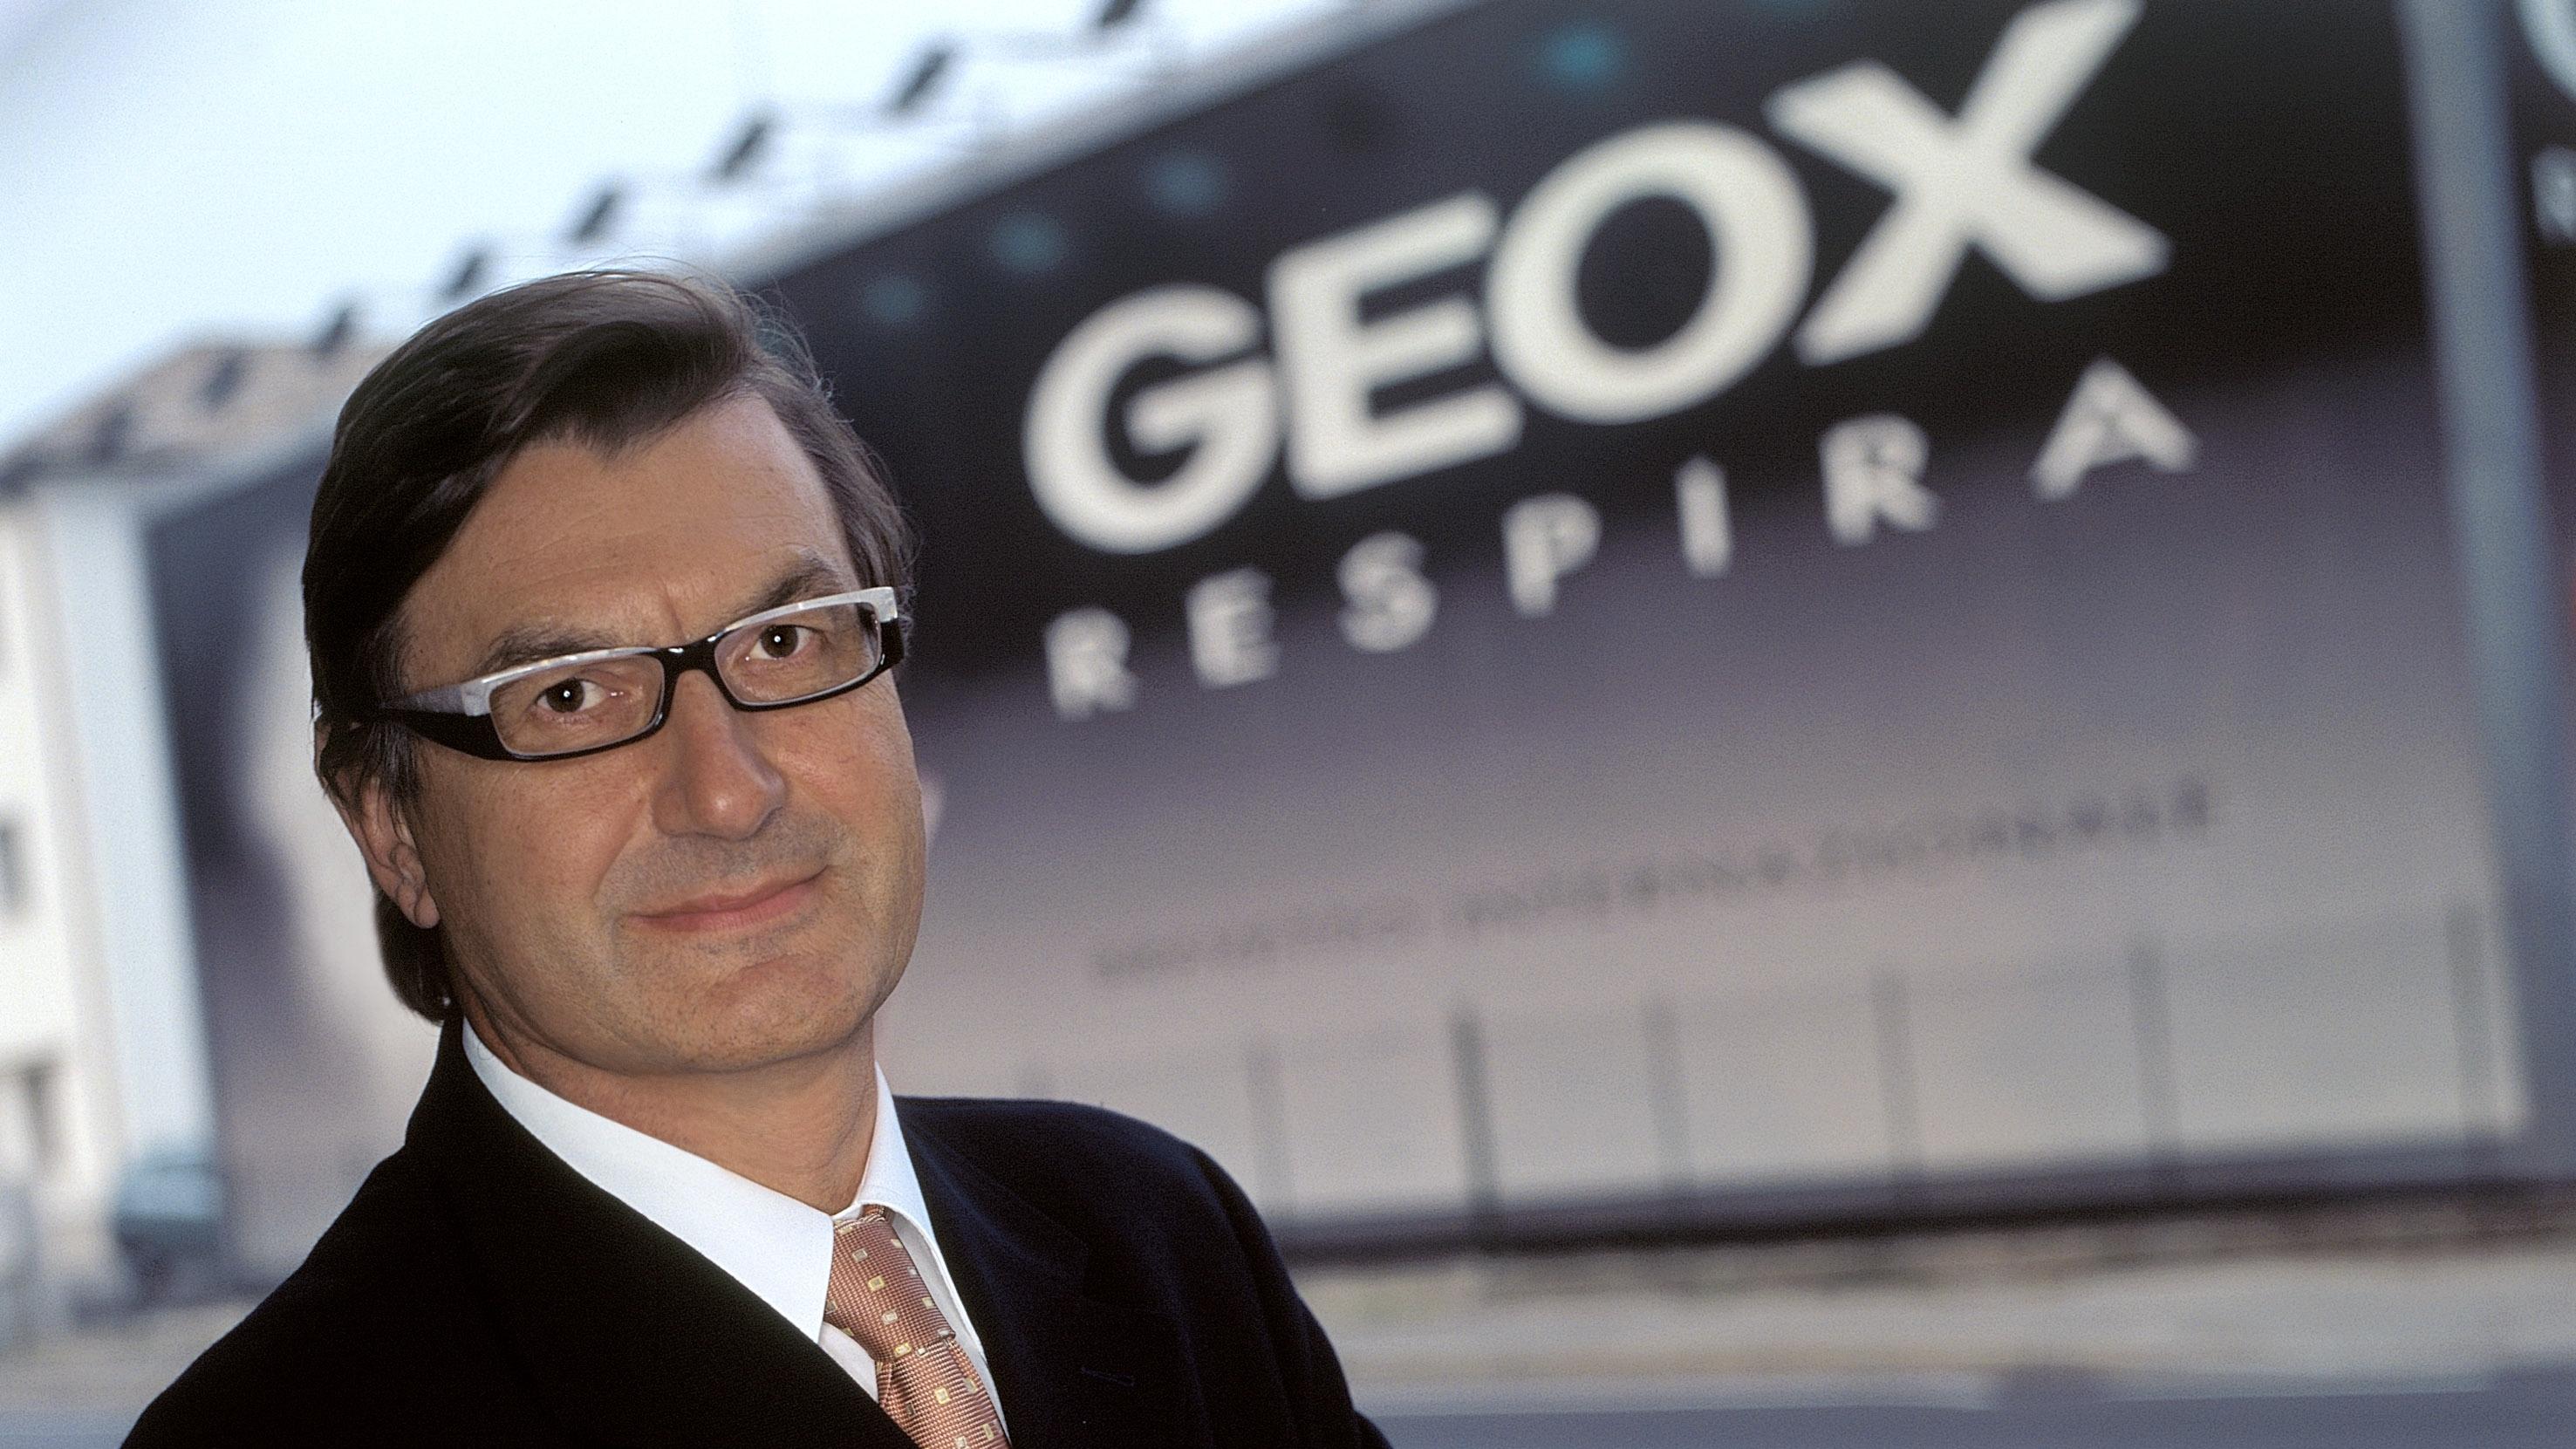 Mario Moretti Polegato: Geox, la storia di un'idea tra creatività e innovazione